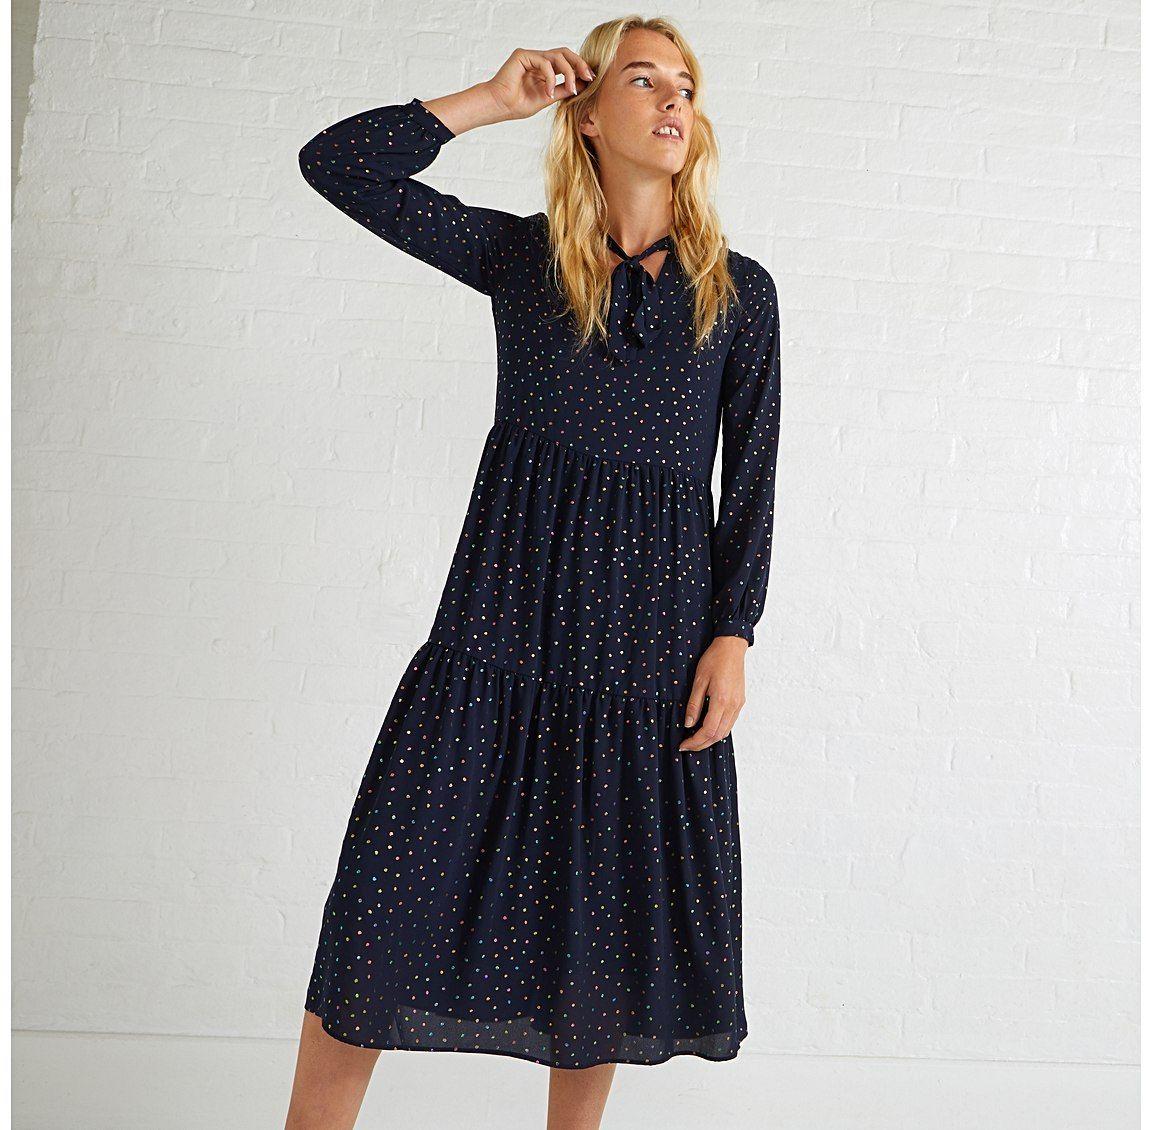 03d664fd0f Luster Foil Spot Midi Dress Spirit Clothing, Oliver Bonas, Fitted Skirt,  Polka Dot